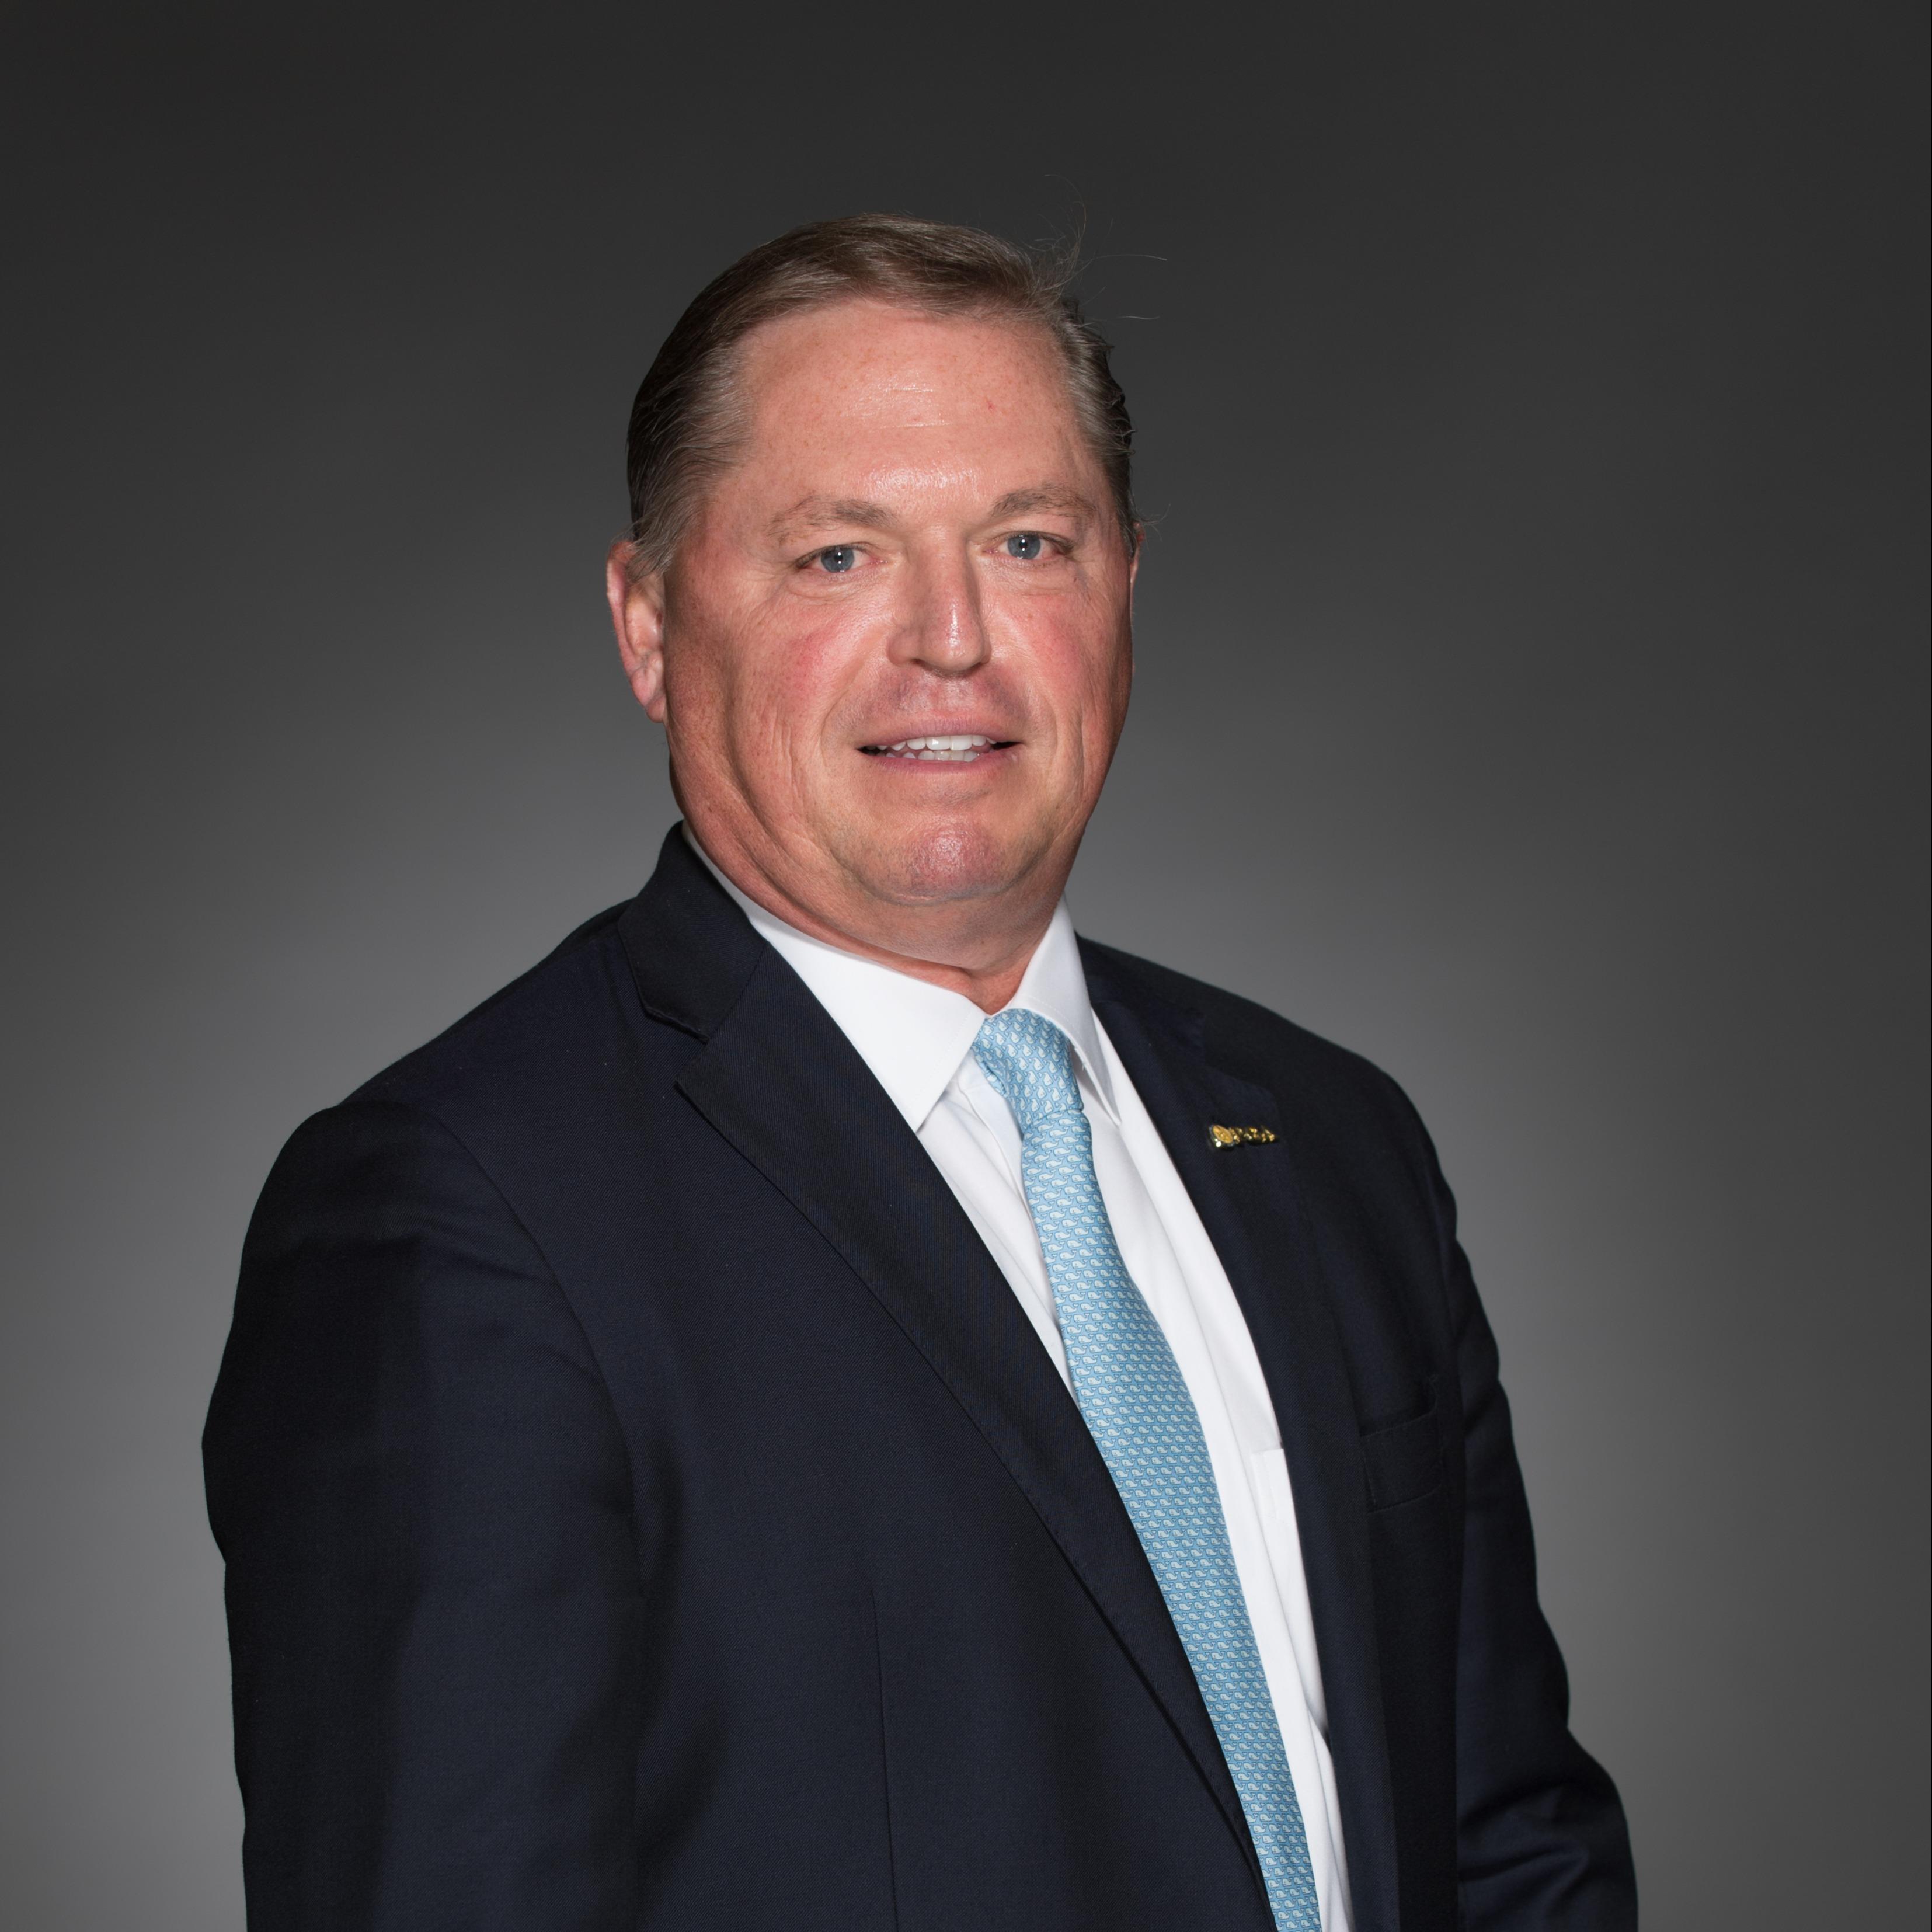 Jim Richerson, President